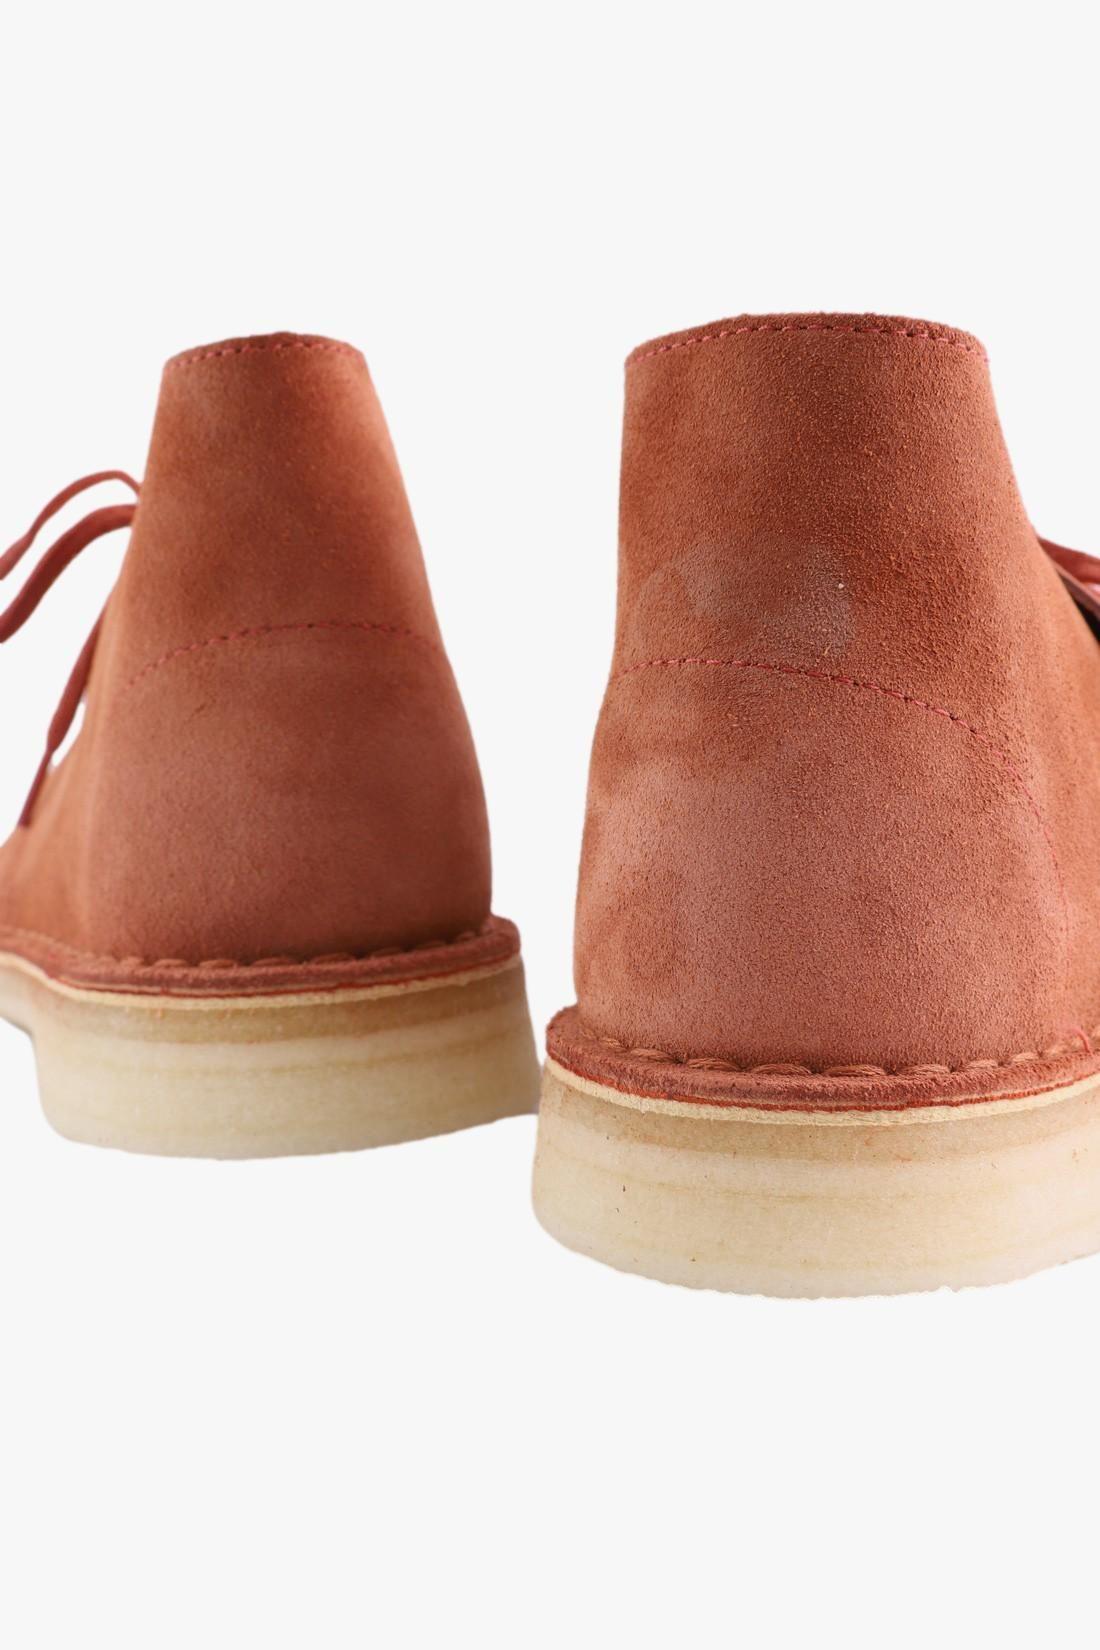 CLARKS ORIGINALS / Desert boot uk Brick suede